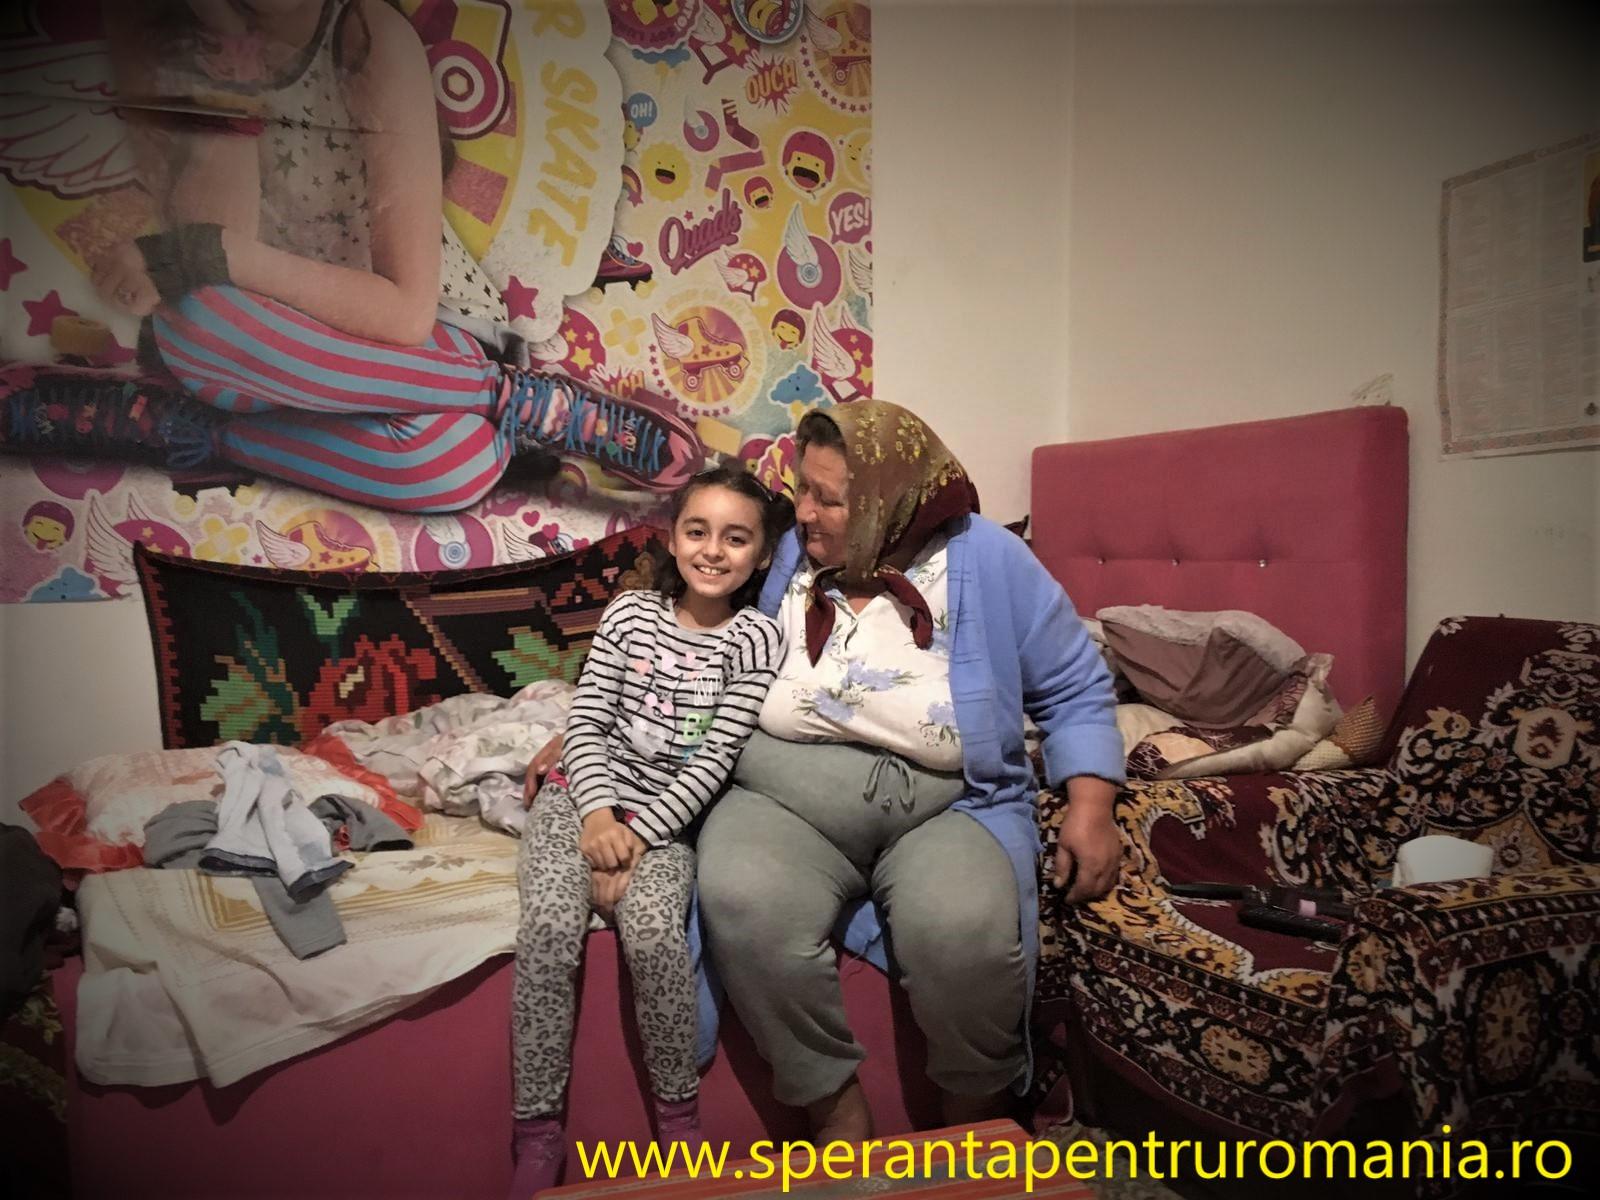 O familie din Arad are nevoie de ajutor! Bunica bolnavă își crește singură nepoțica de 9 ani